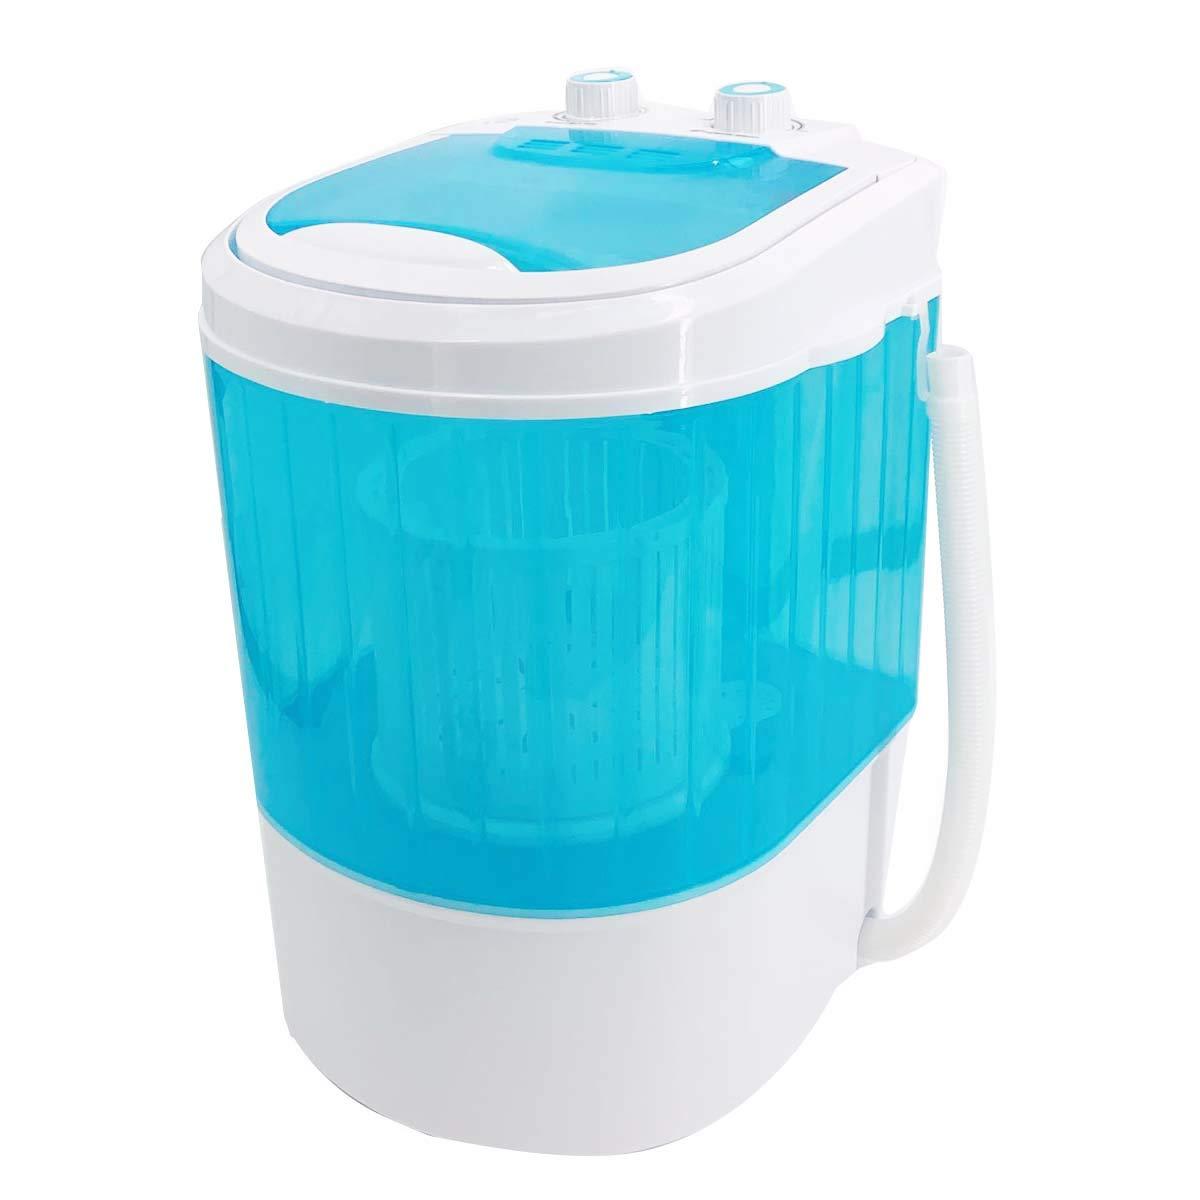 Cozyel Portable Single Tub Washer And Dryer- The Laundry Alternative- Mini Washing Machine- Travel Washing Machine- Small Washing Machine with Spin Cycle Basket and Drain Hose, Energy Saving (Blue)